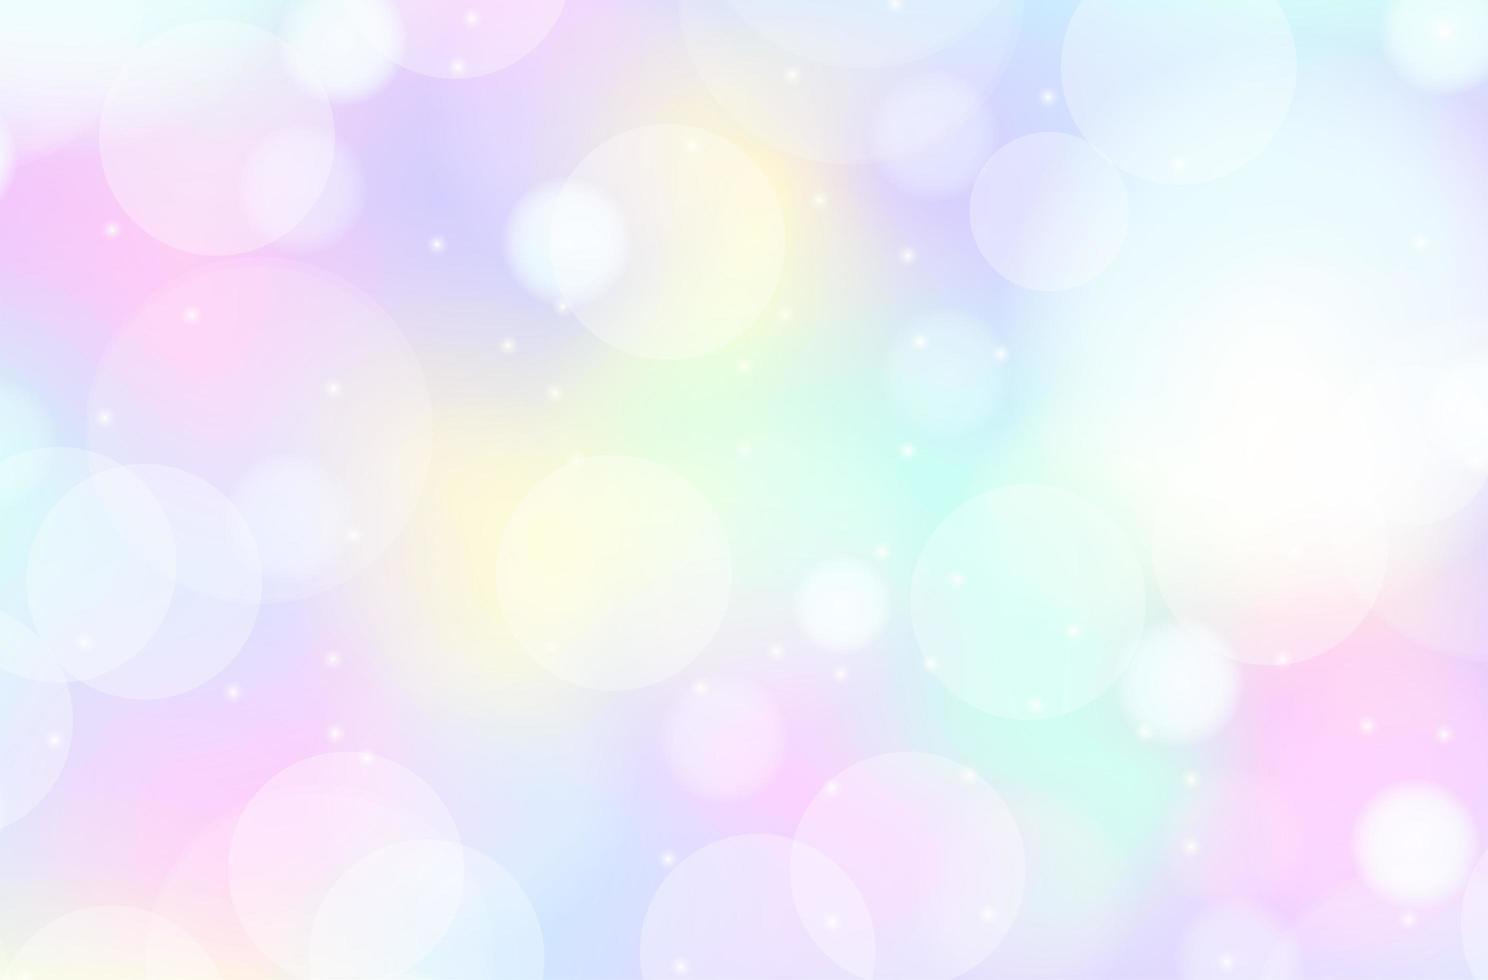 sfondo sfocato pastello arcobaleno vettore